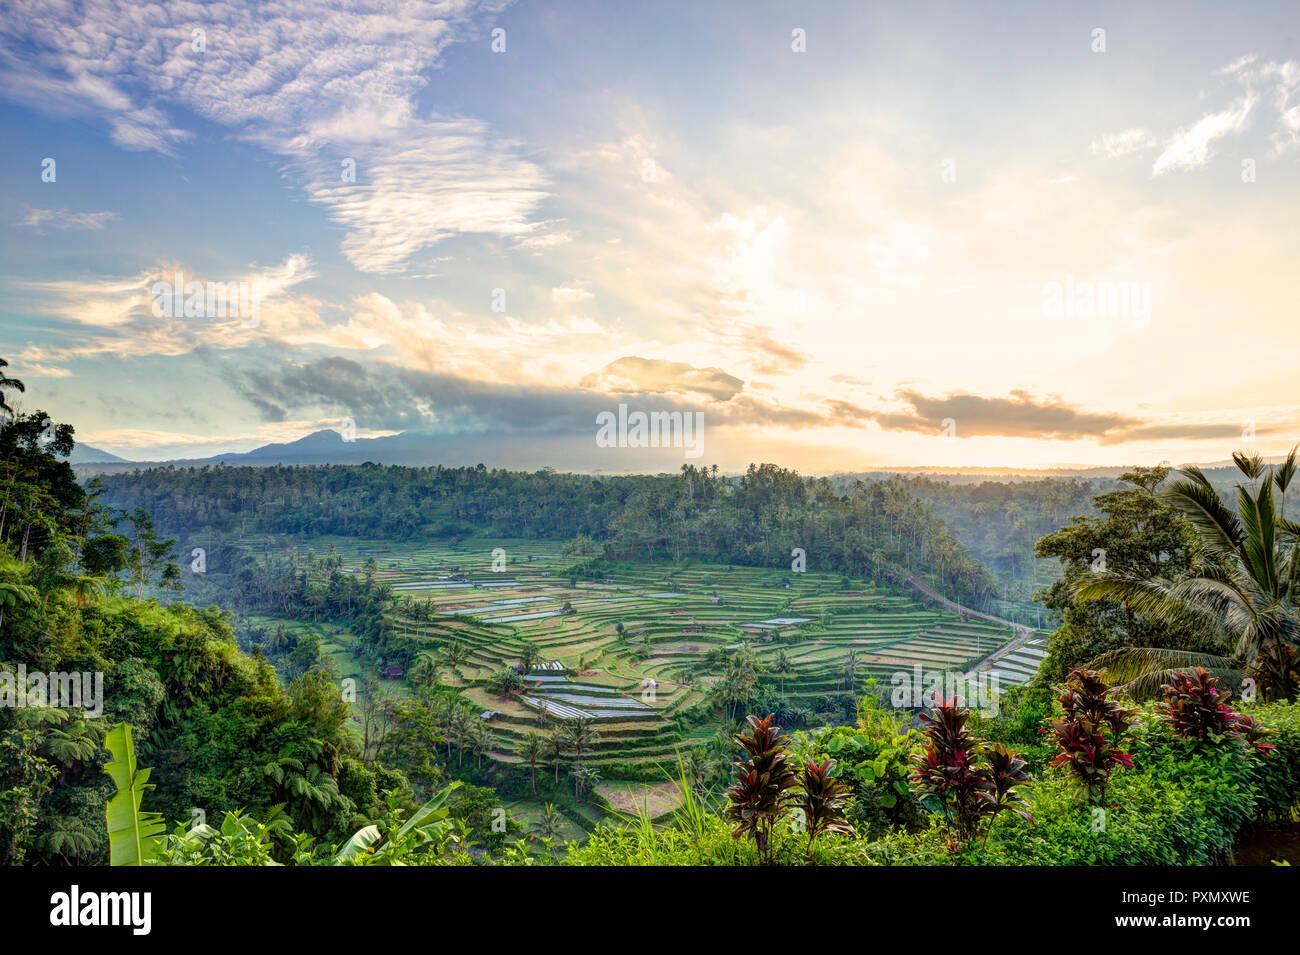 Vista dei terrazzi di riso e Gunung Agung vulcano di sunrise, Rendang, Bali, Indonesia Immagini Stock